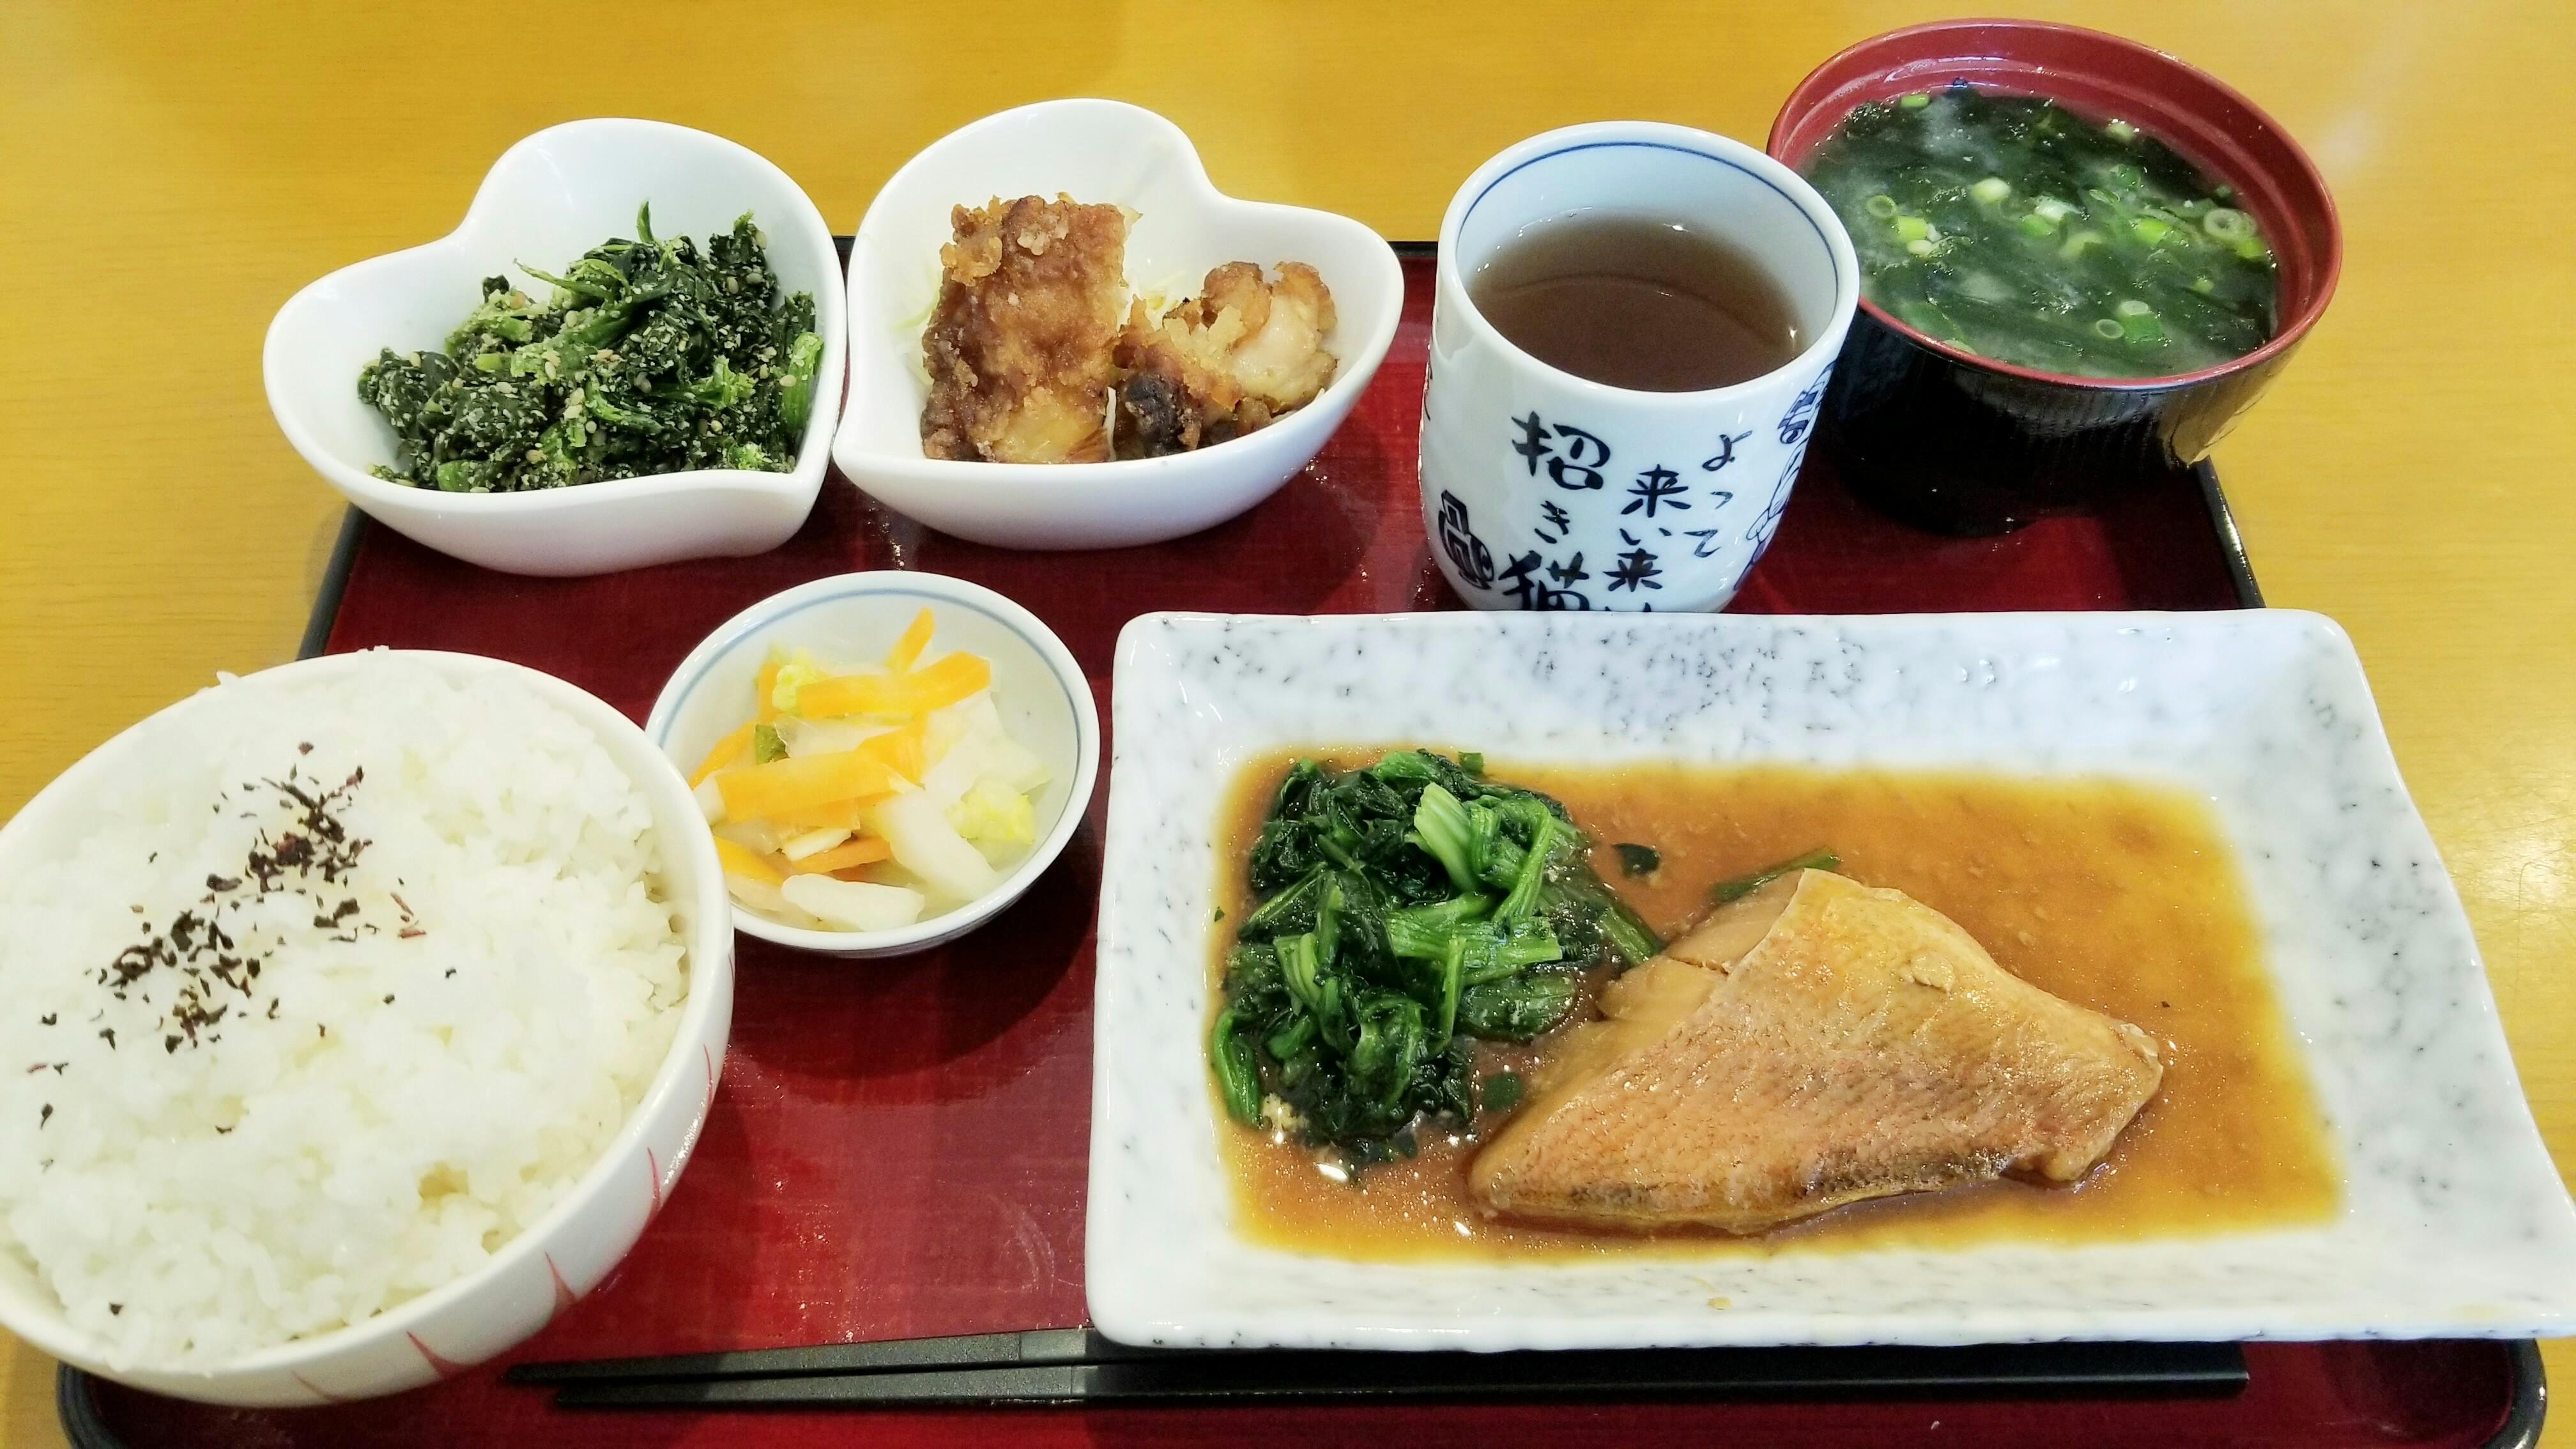 ランチ近くおすすめ美味しいカフェクーポン松山市煮魚値段安い割引